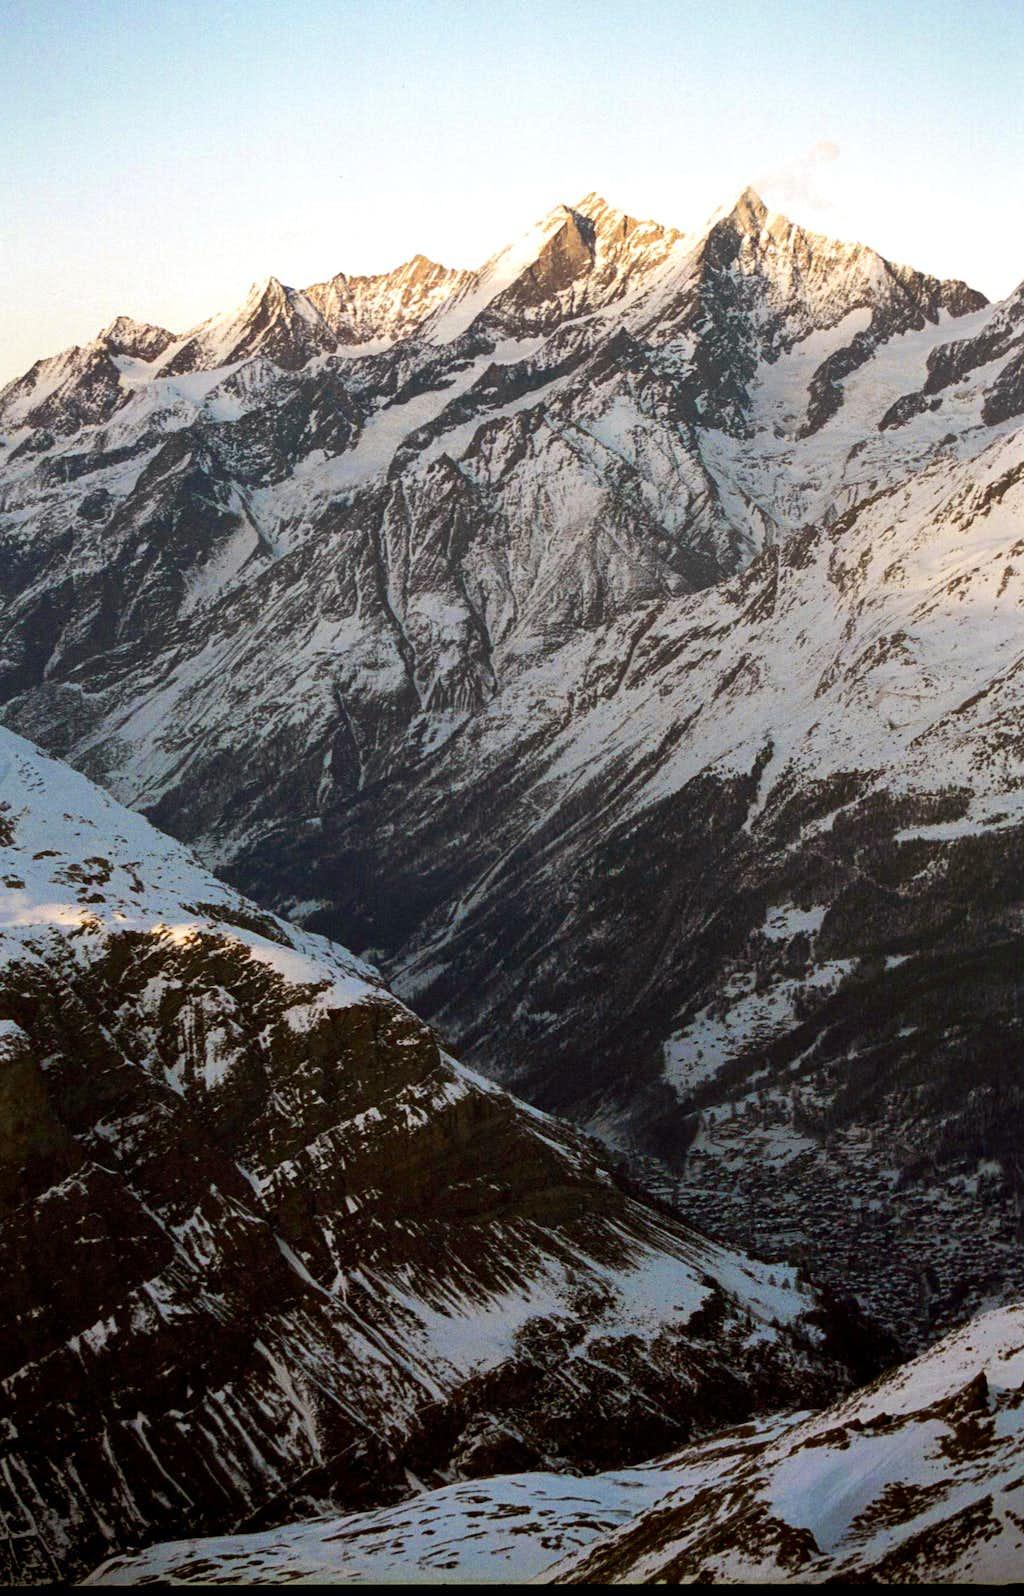 Dom, Täschhorn - Winter